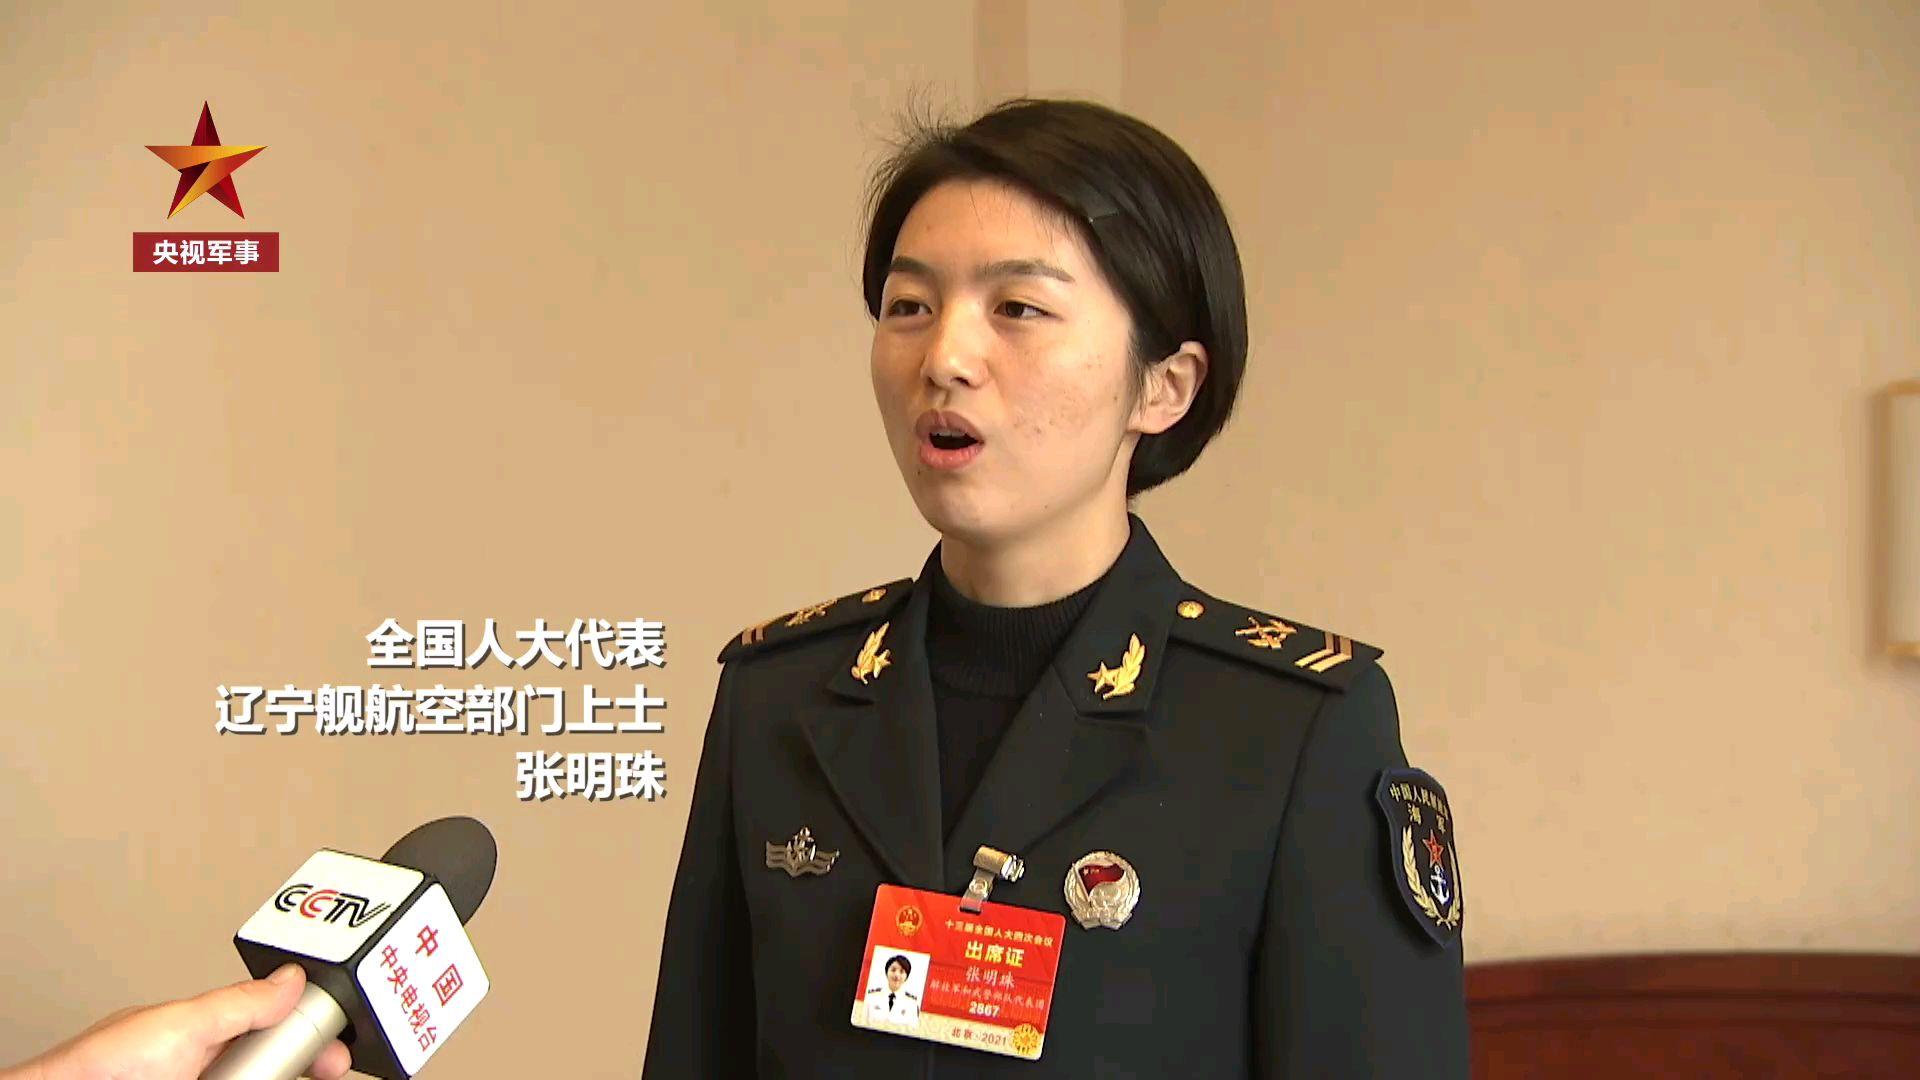 辽宁舰女士官长谈航母战力发展